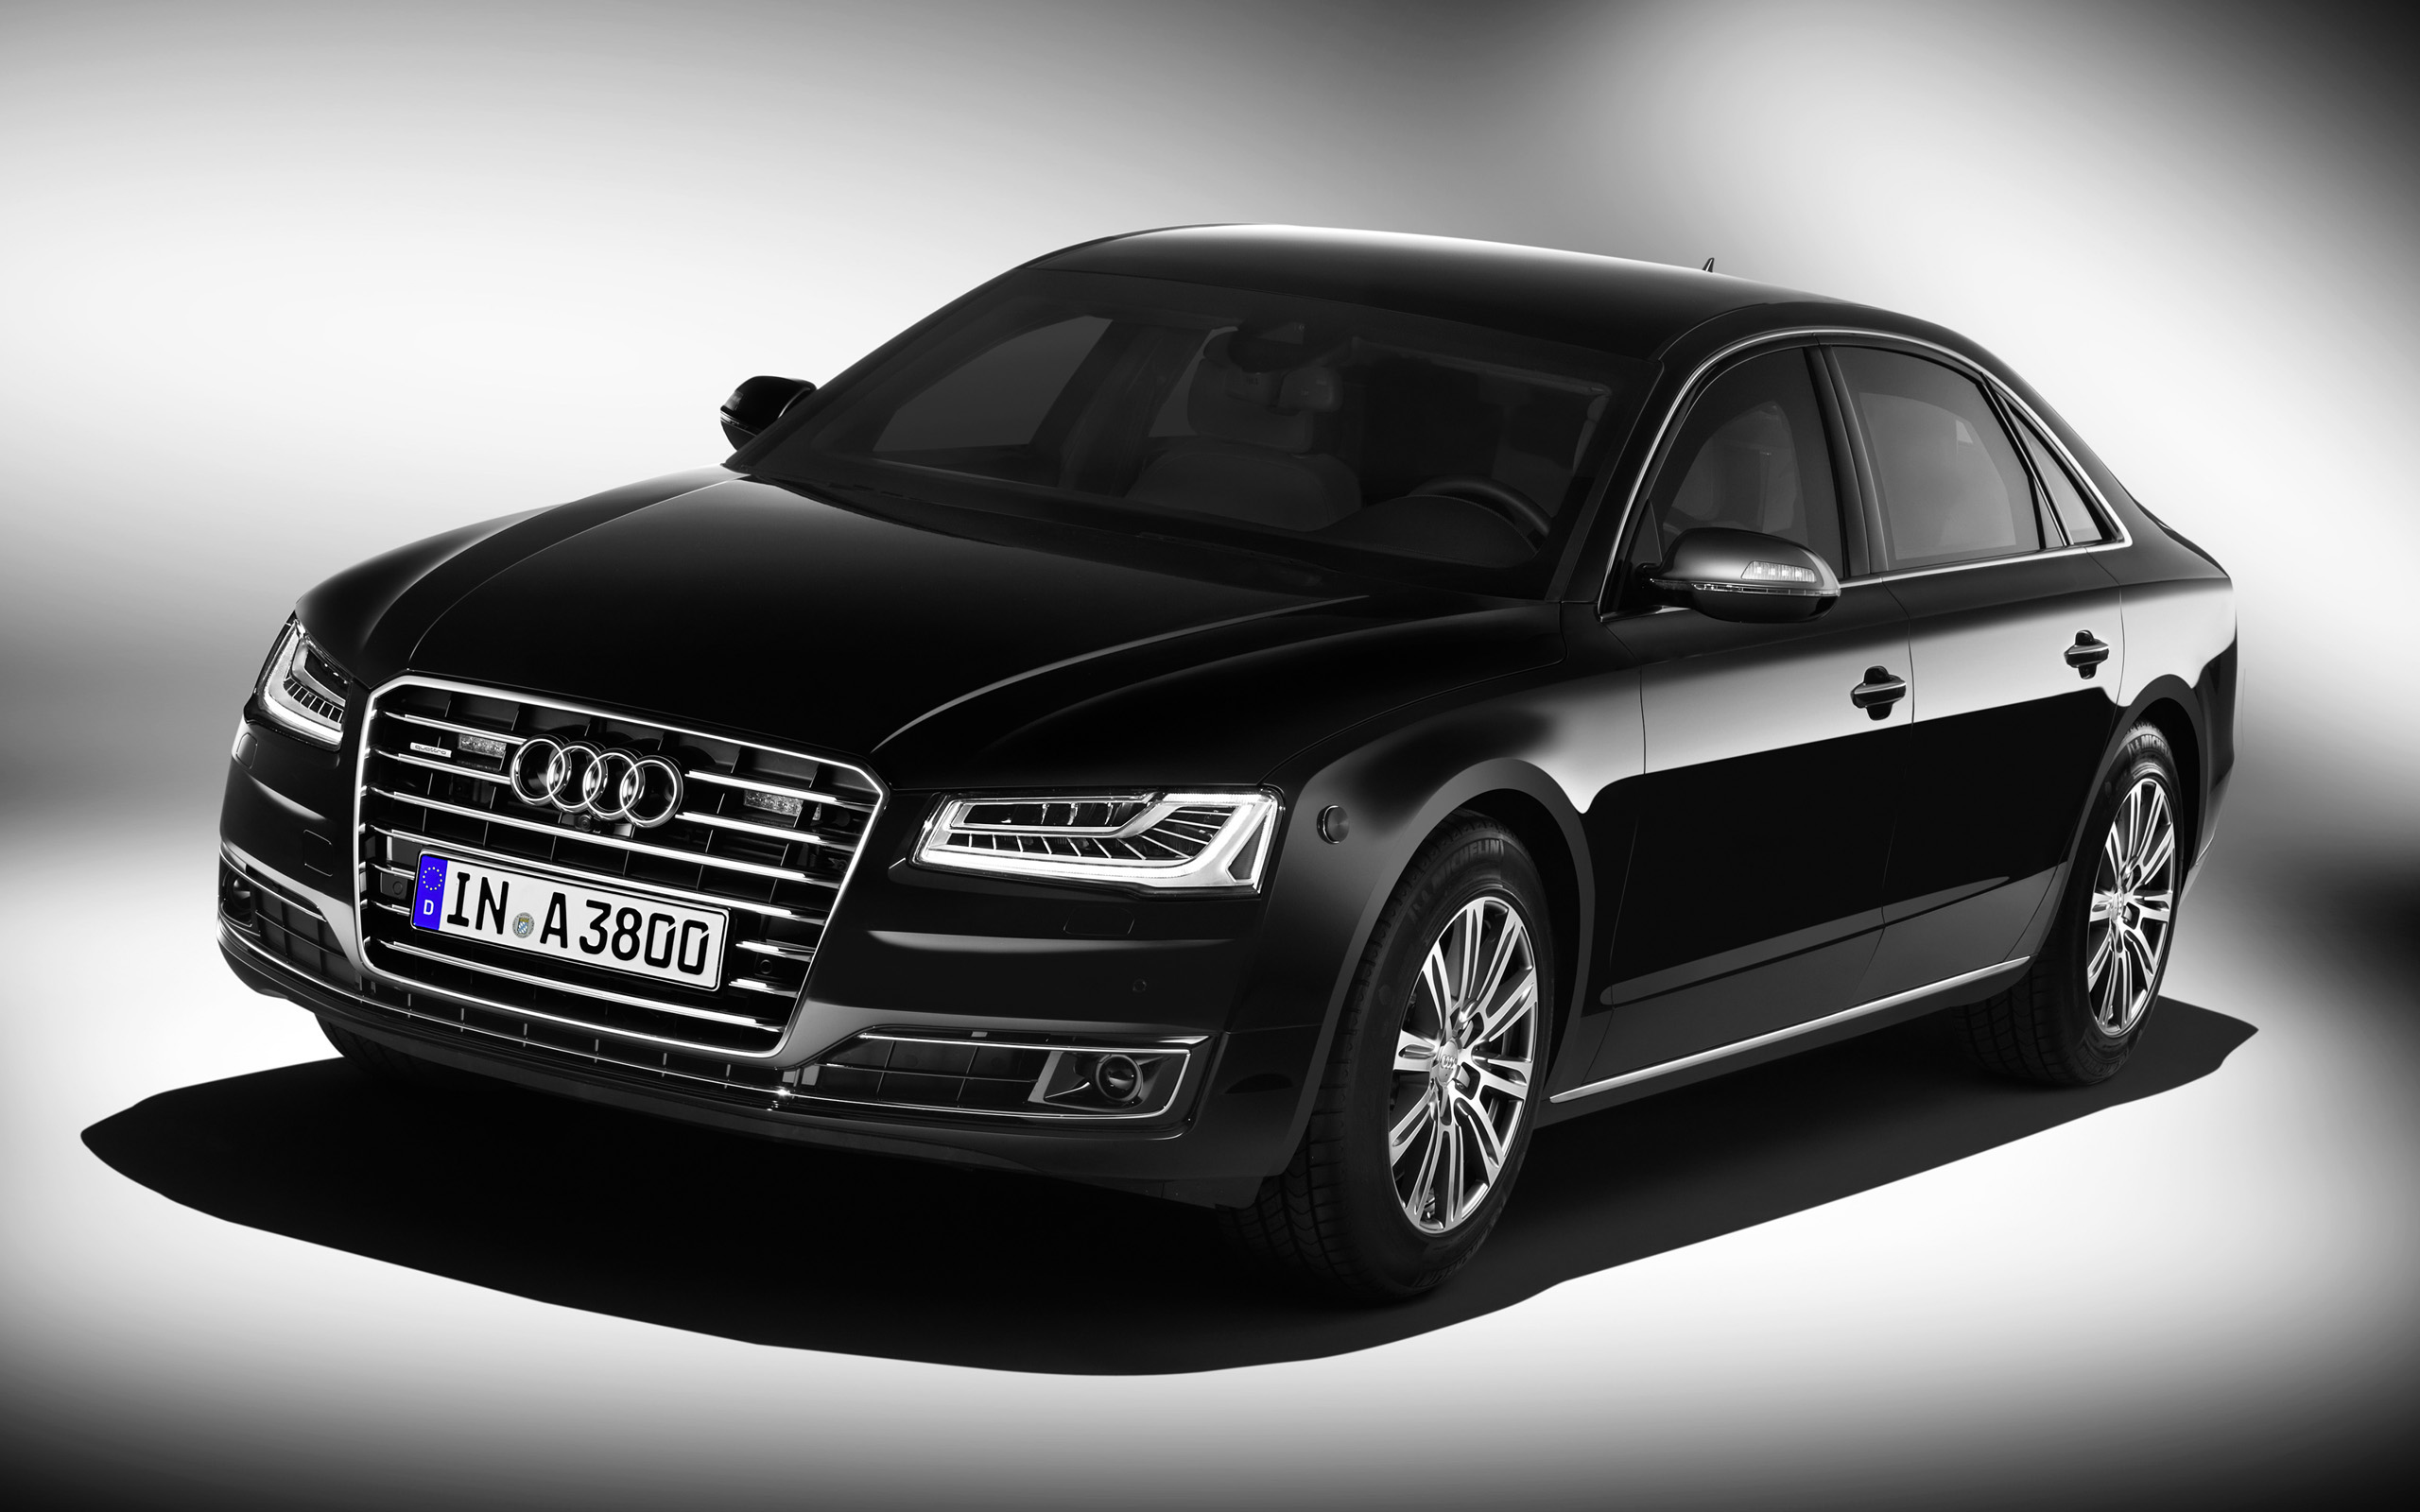 2014 Audi A8 L Security Wallpaper | HD Car Wallpapers | ID